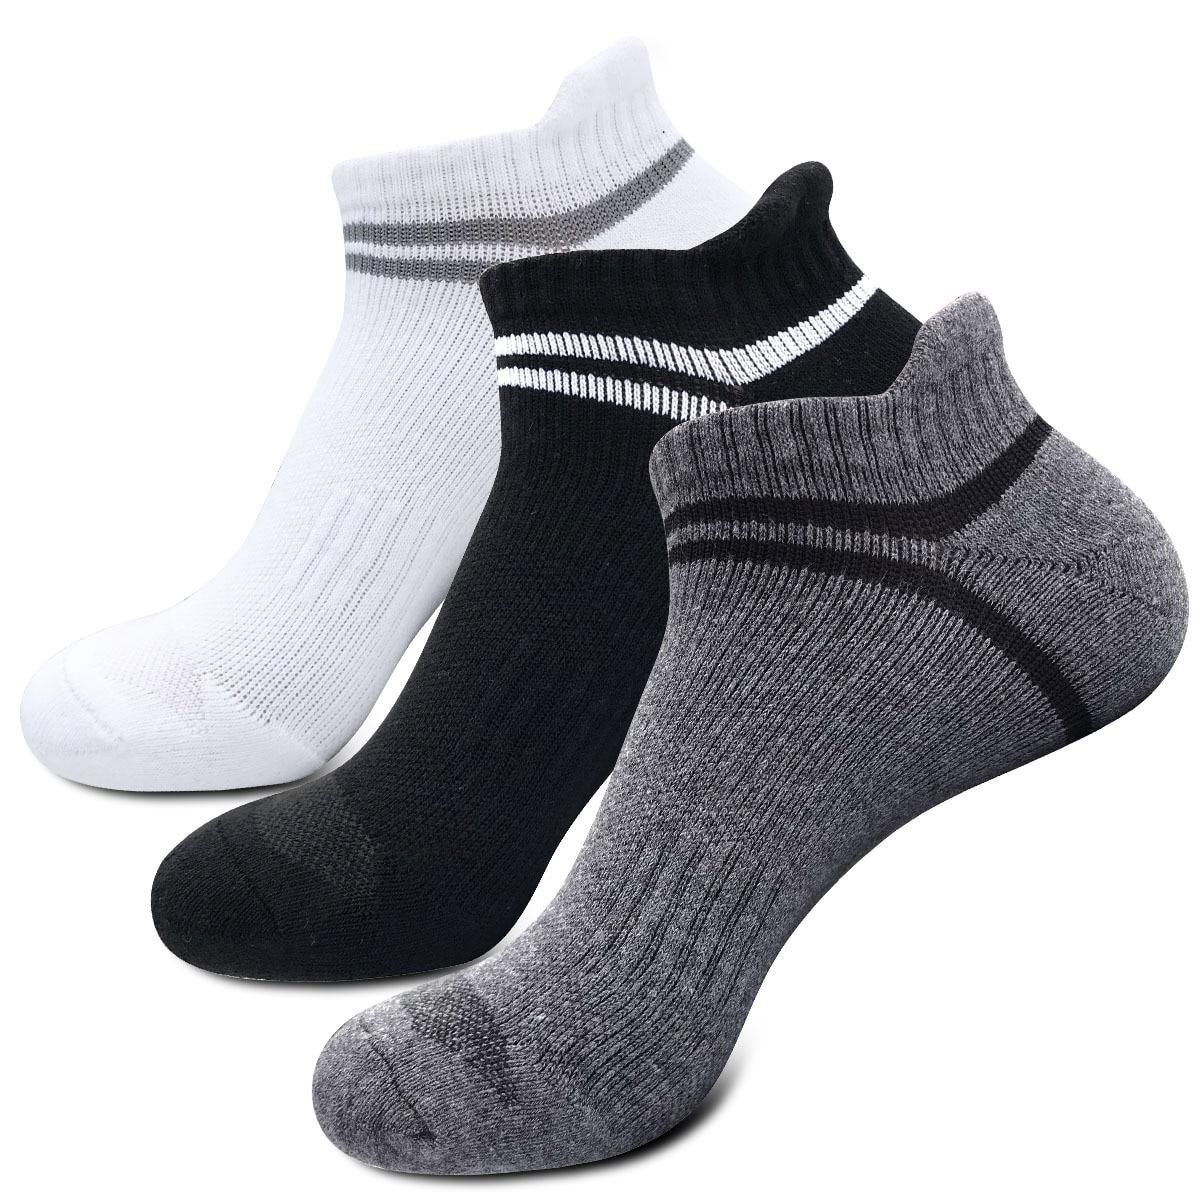 Hohe Qualität Sport Socken Atmungsaktiv Fahrrad Socken Straße Outdoor Sport Rennen Radfahren Socke Für Männer EU 41-45 Socken